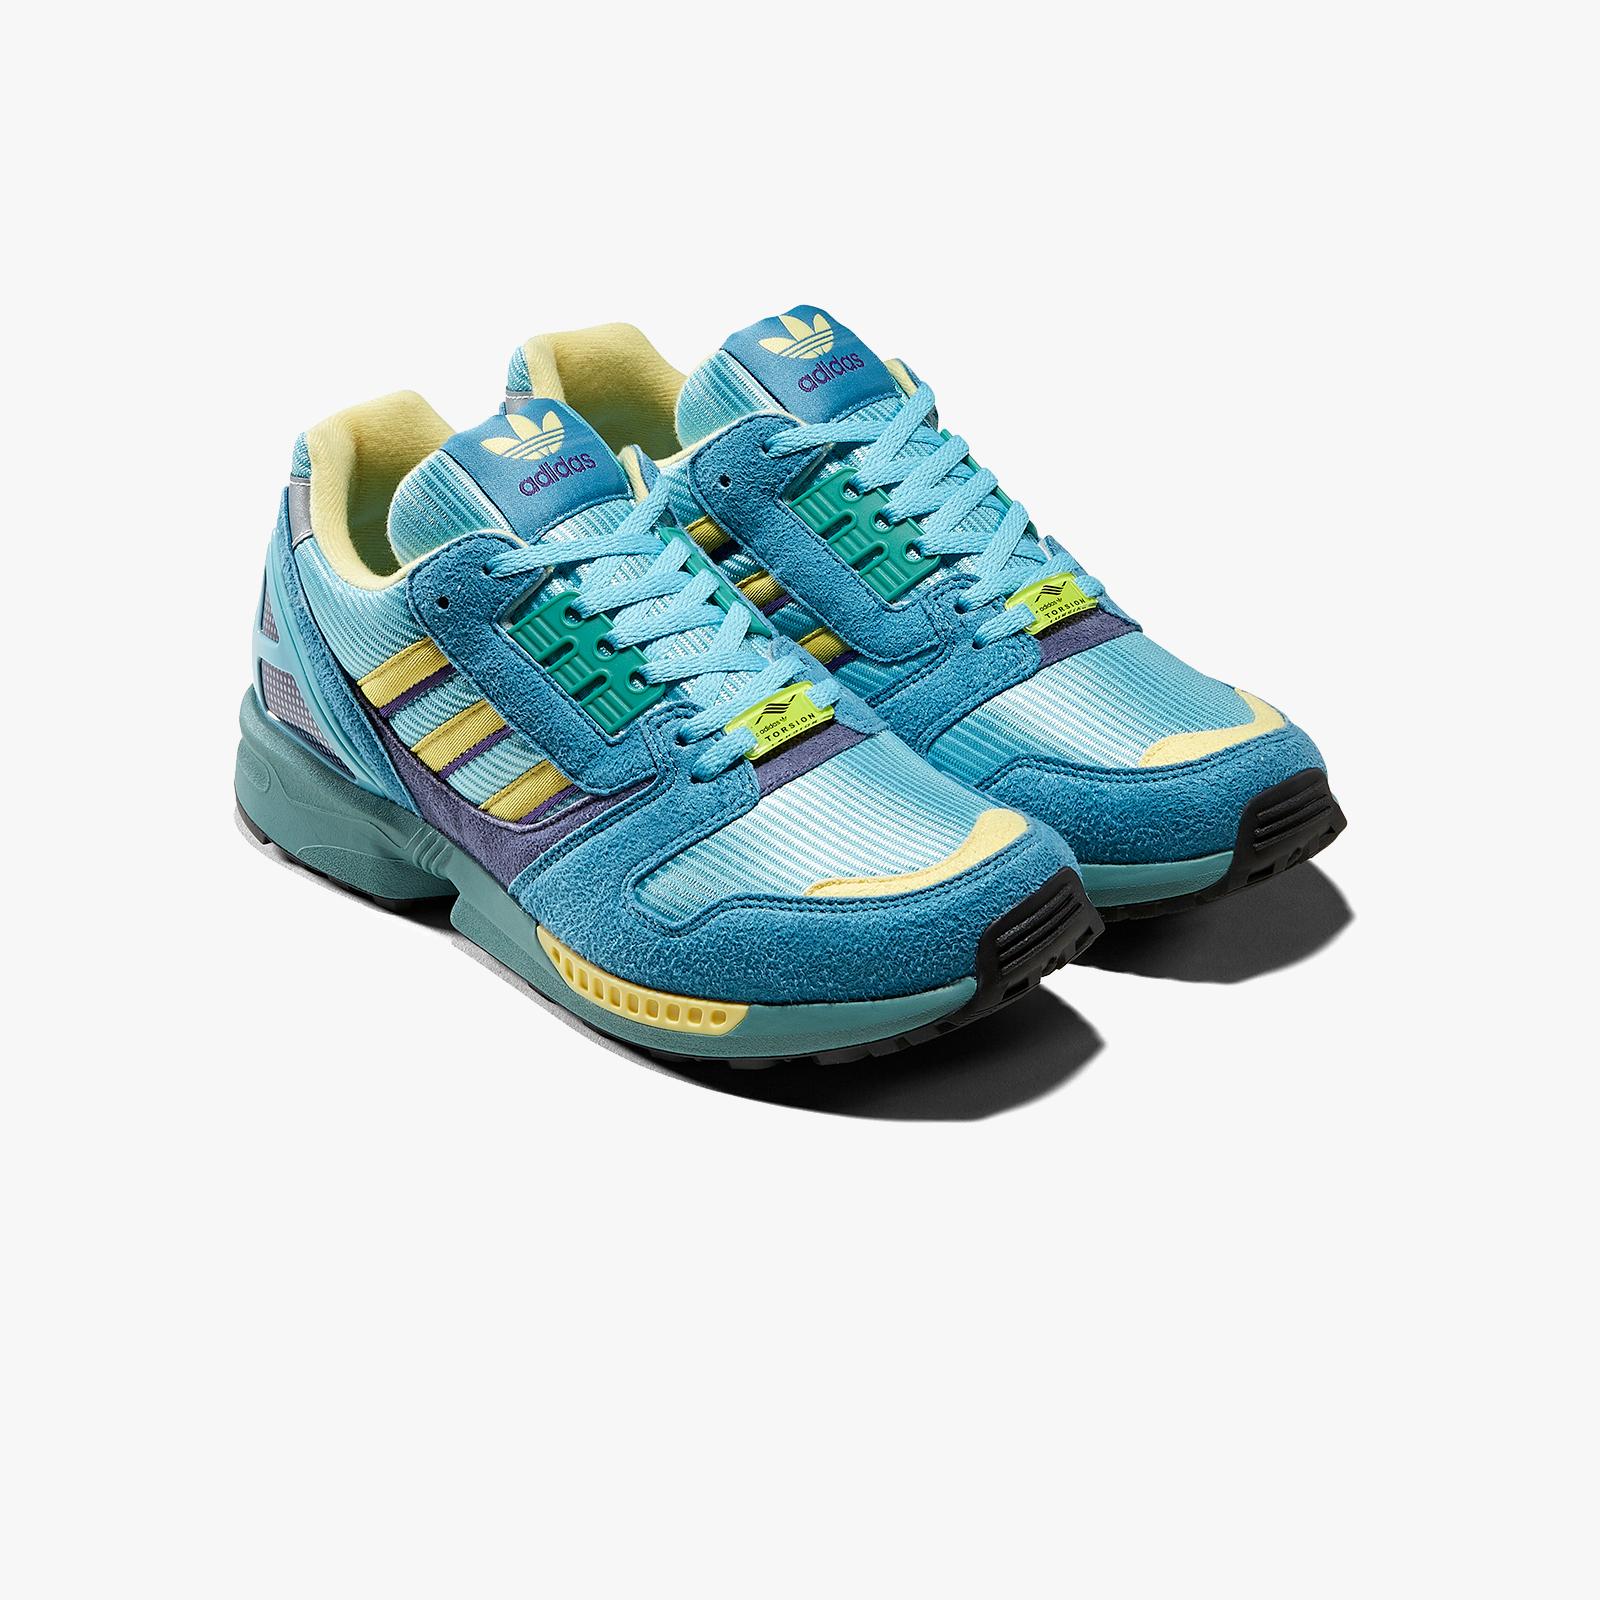 adidas ZX 8000 - Ee4754 - SNS | sneakers & streetwear online since ...